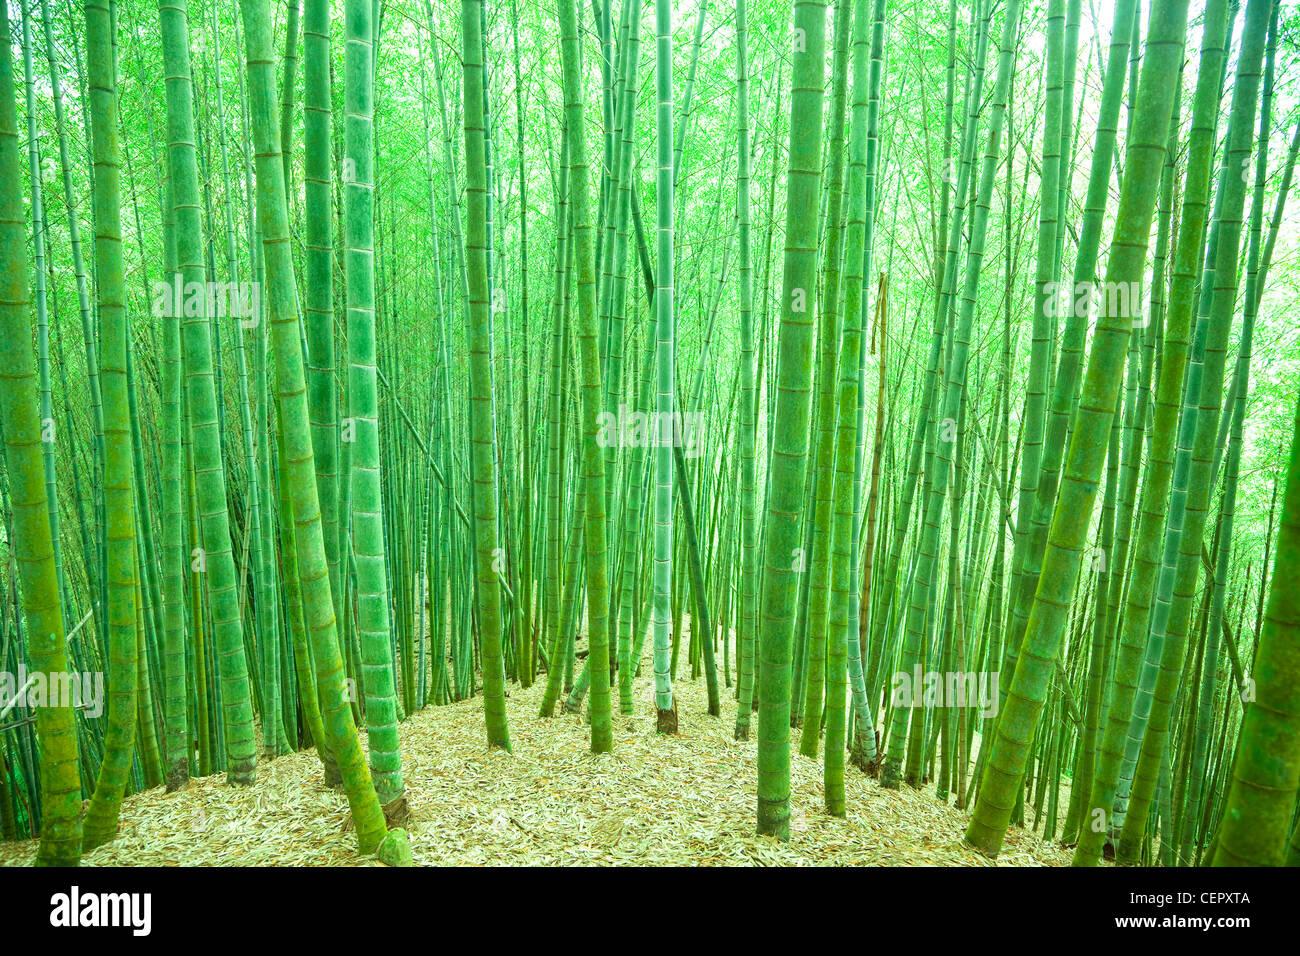 Verde foresta di bamboo Immagini Stock